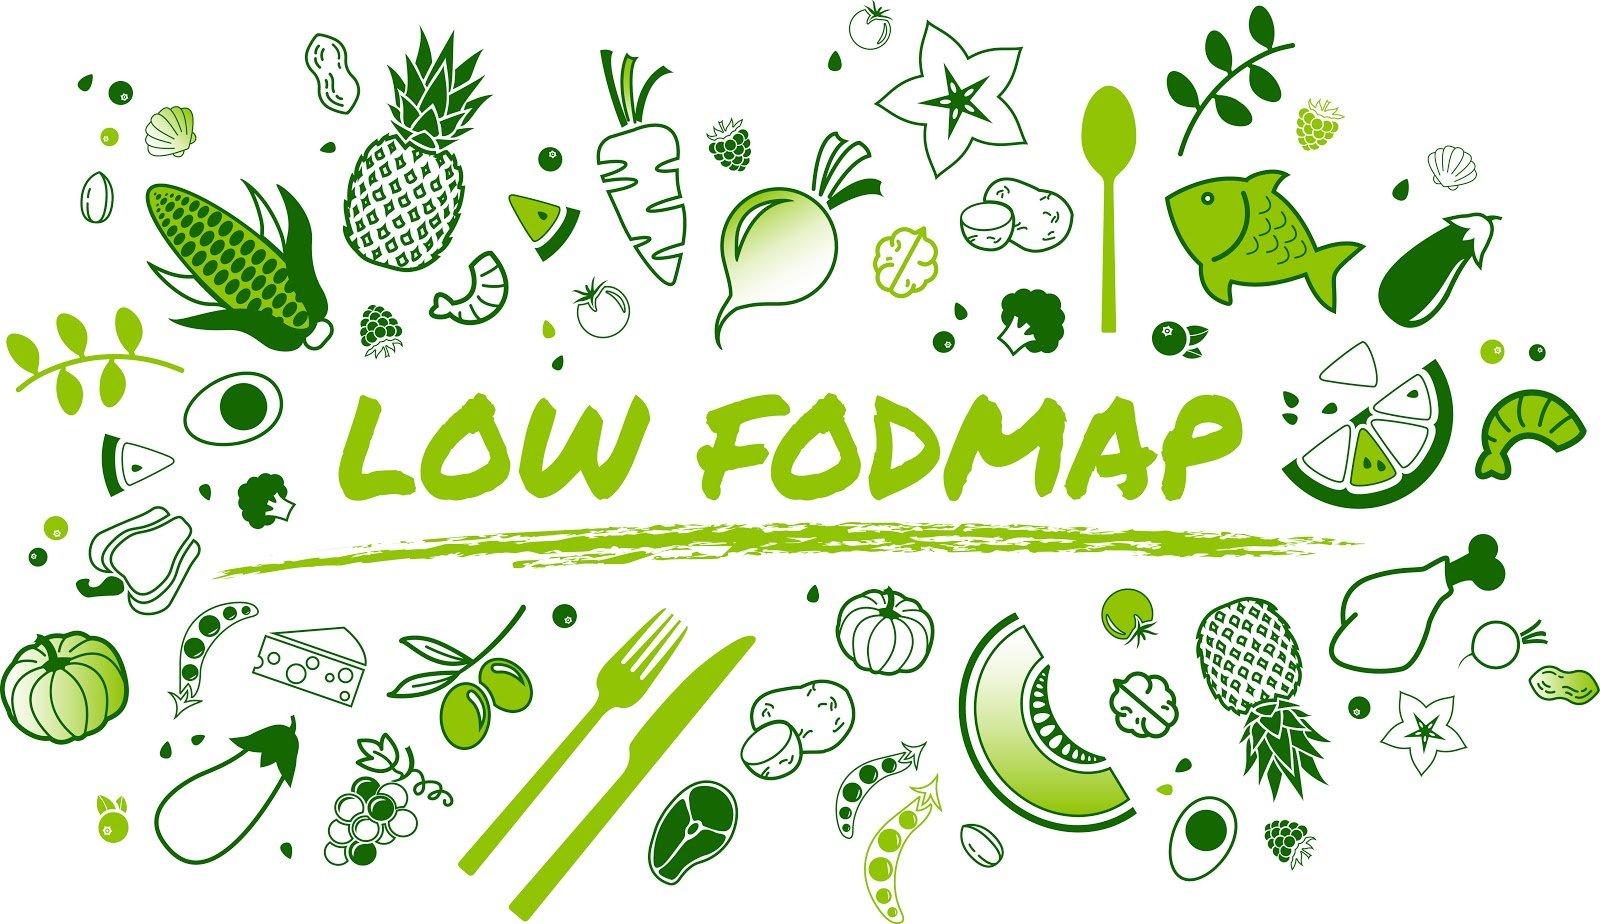 SIBO probiotics: foods included in low-FODMAP diet